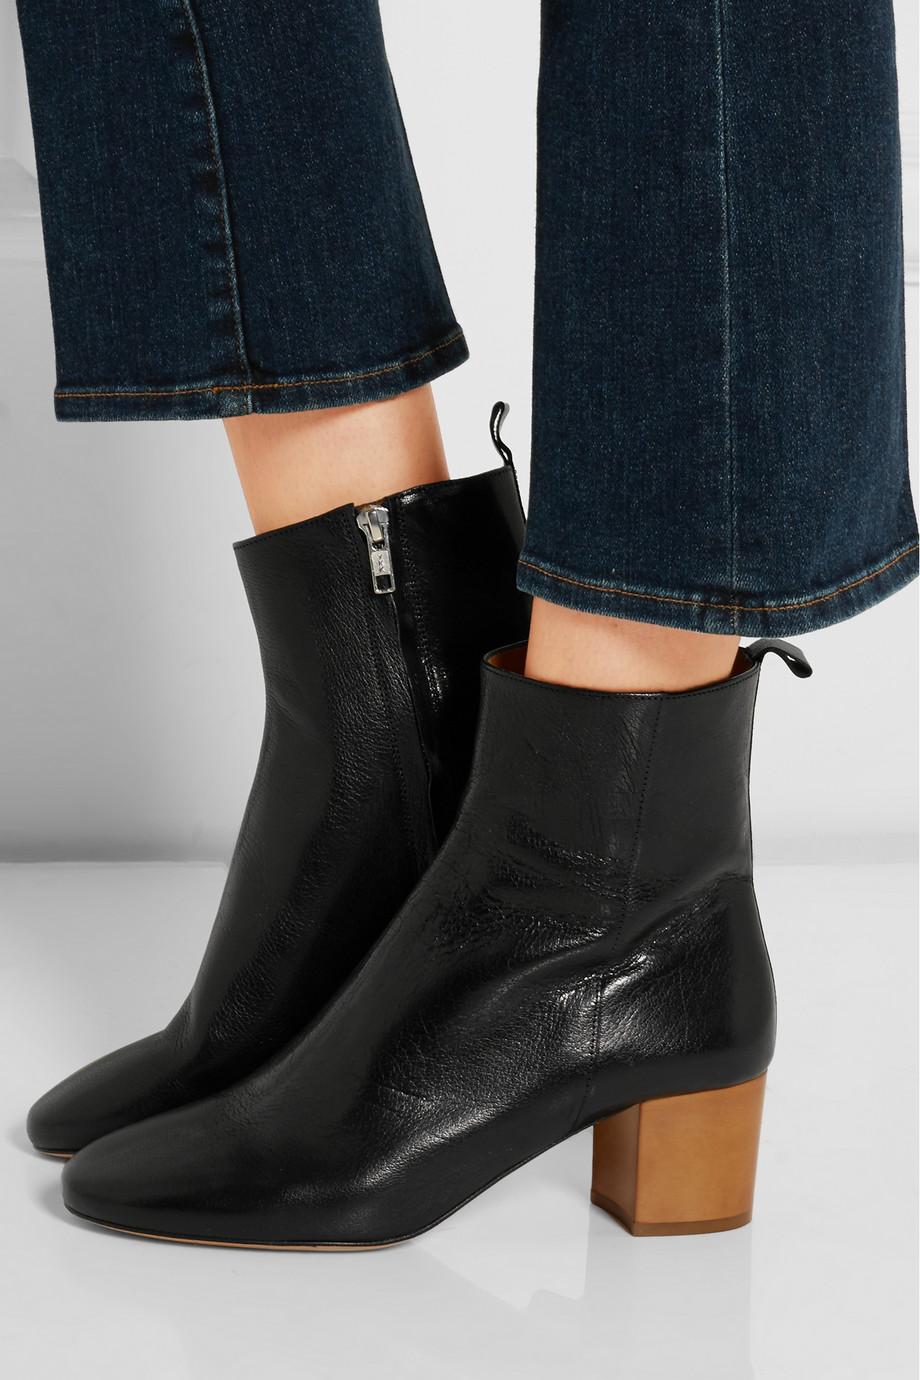 Le scarpe da acquistare per l'autunno 2016